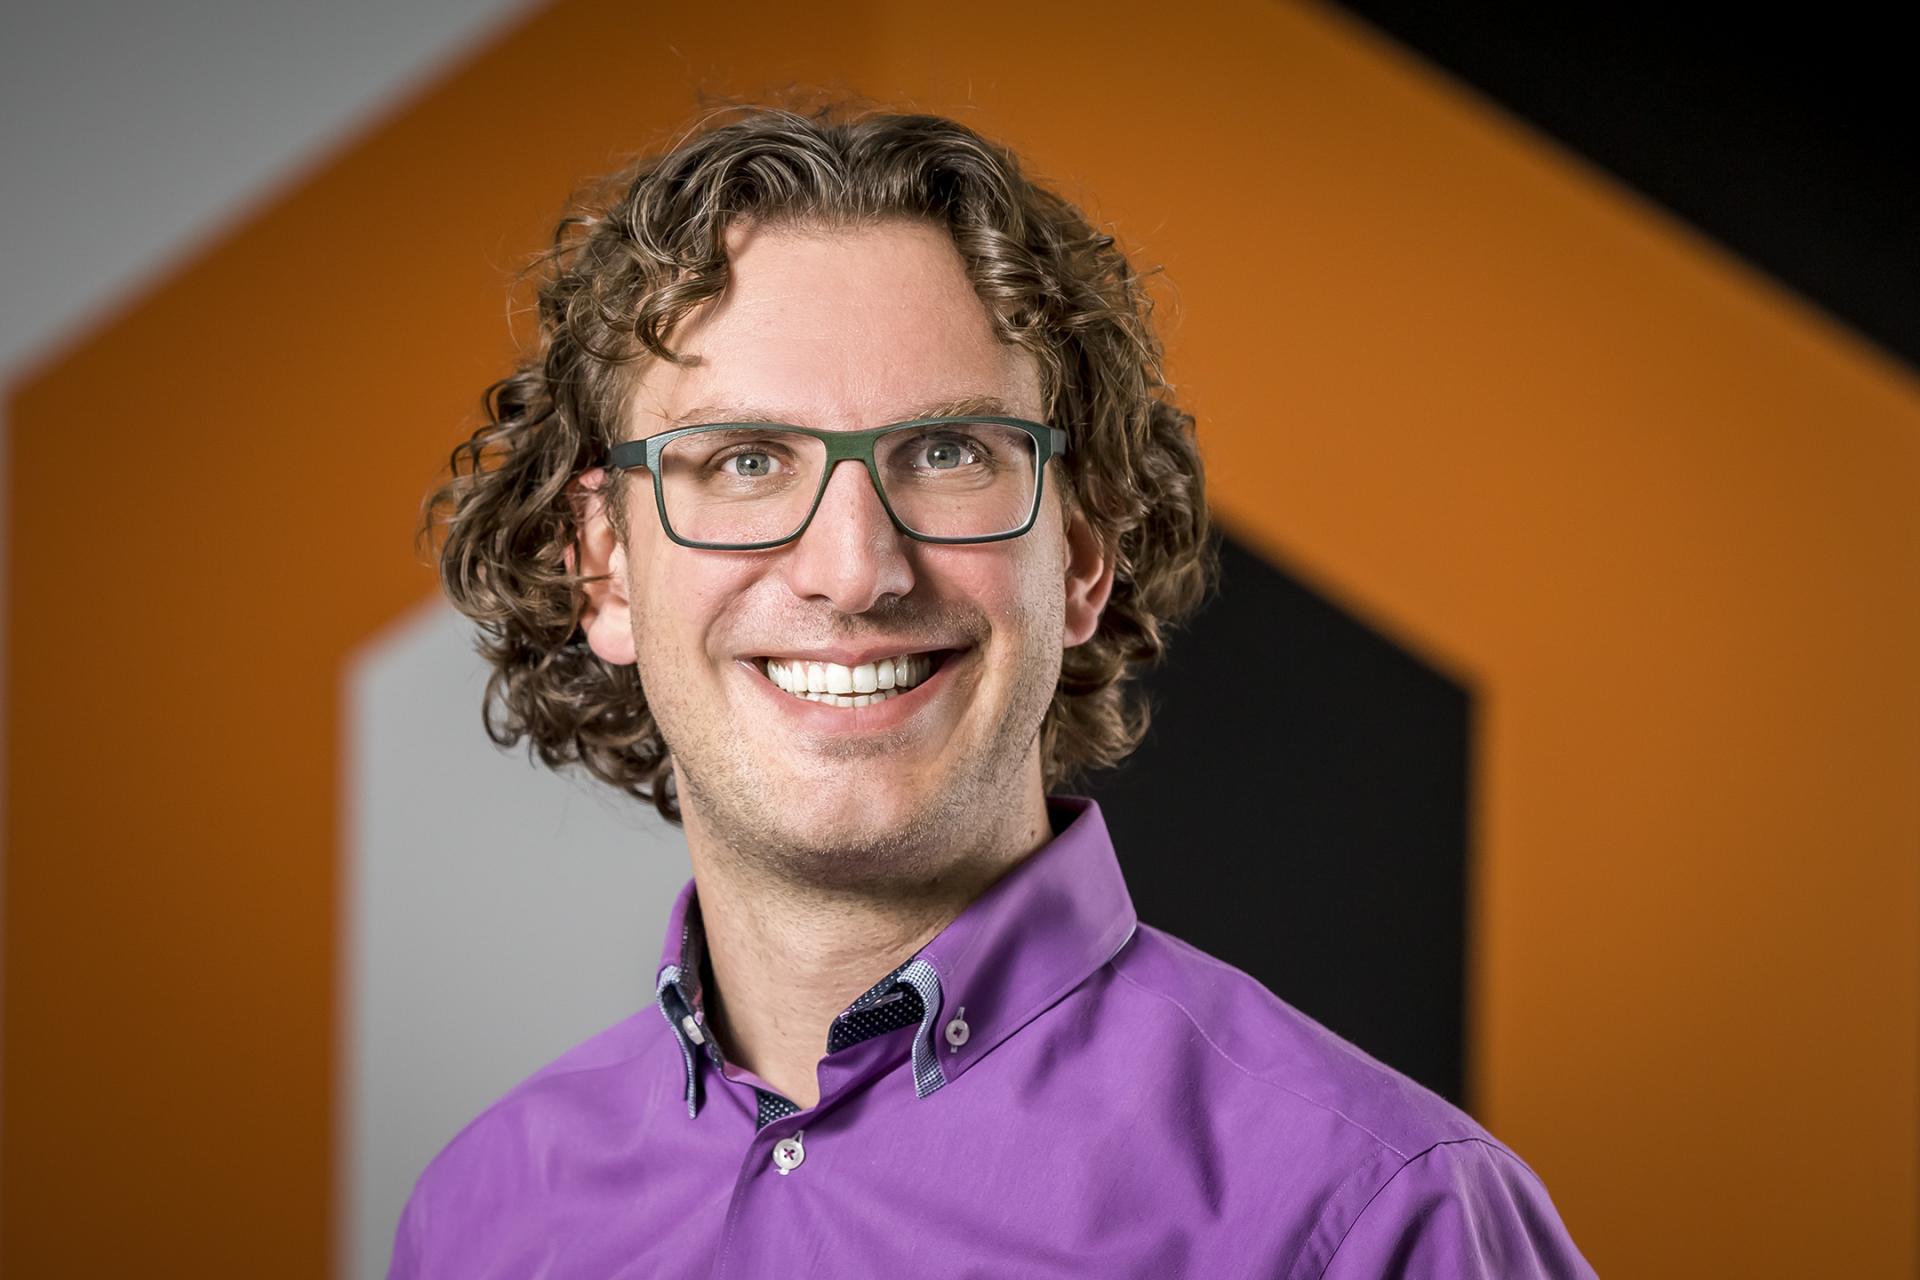 Profilbild Philippe von Bergen